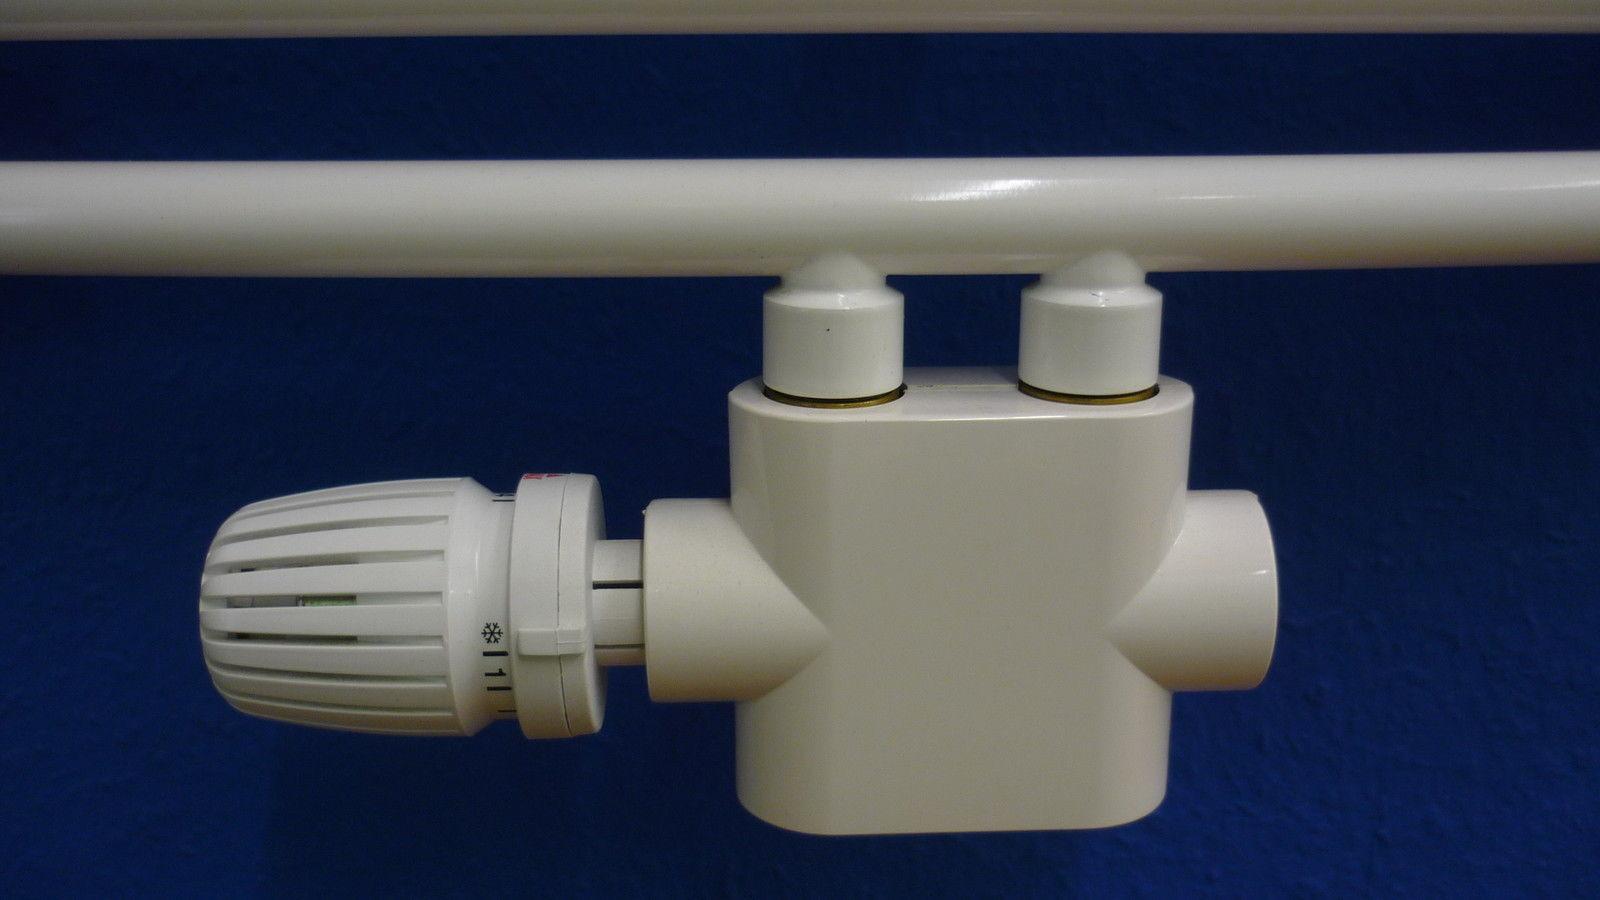 Anschlußgarnitur Thermostat 1/2 f Mittelanschluss 50mm Durchgang f Badheizkörper